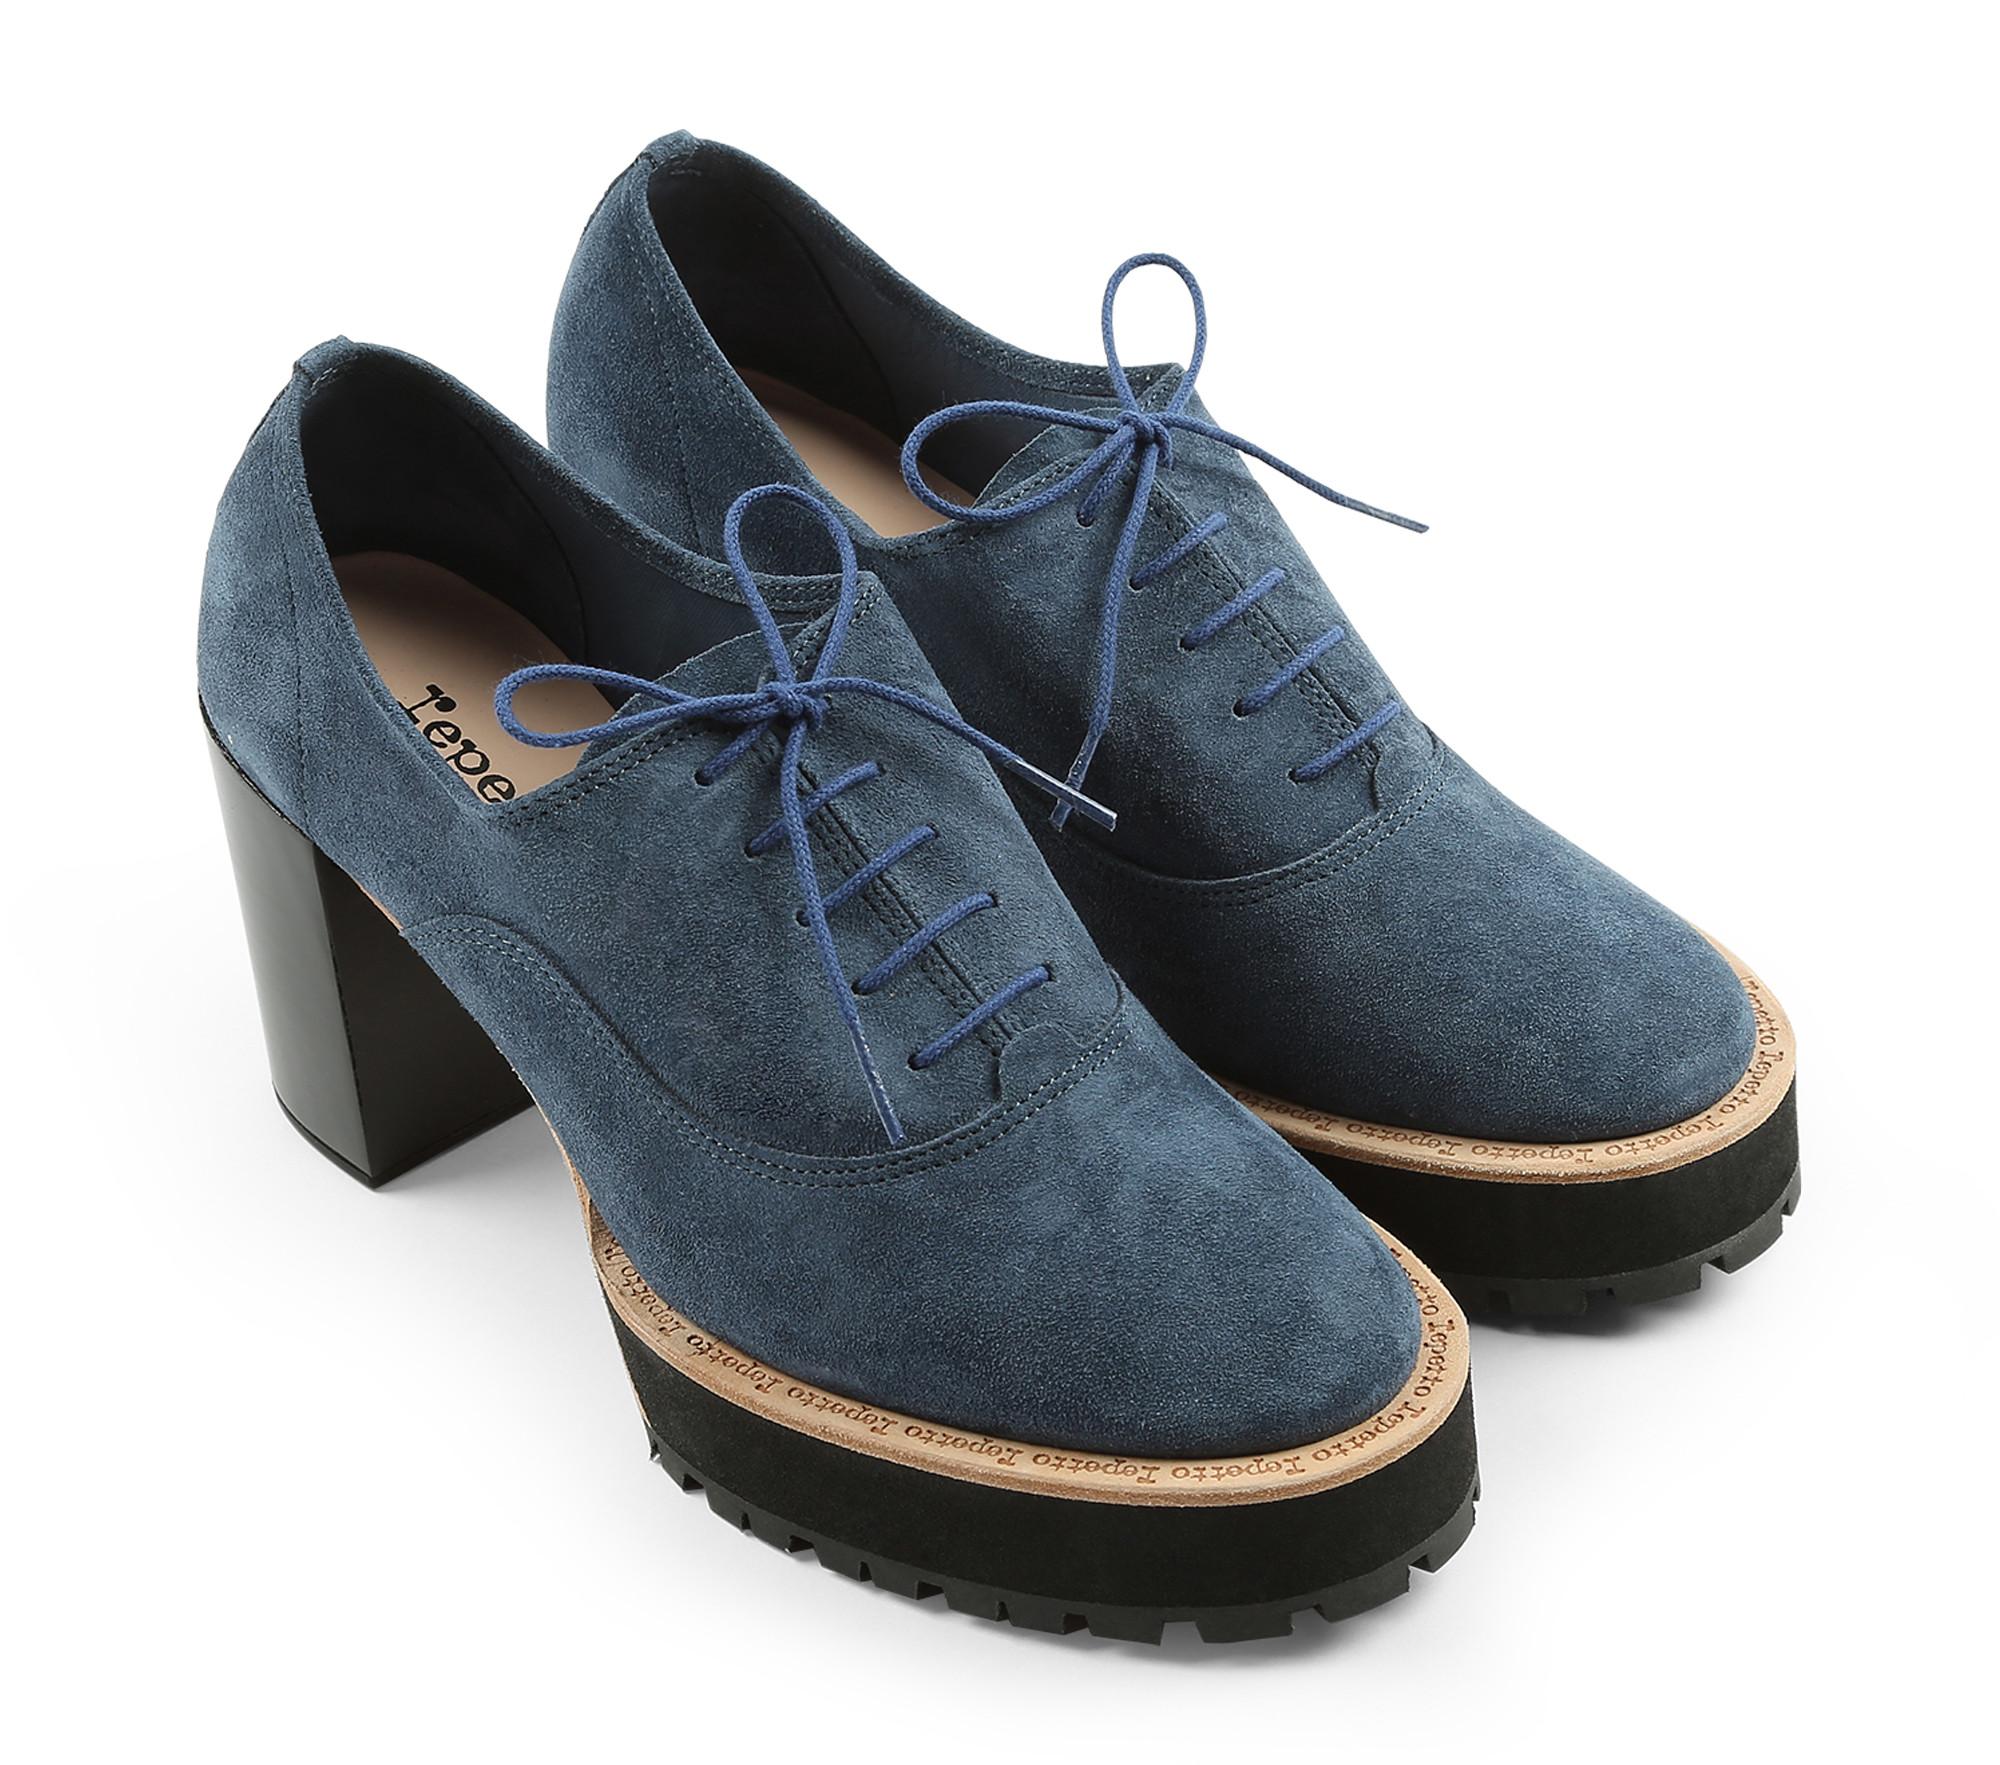 Ivan oxford shoes